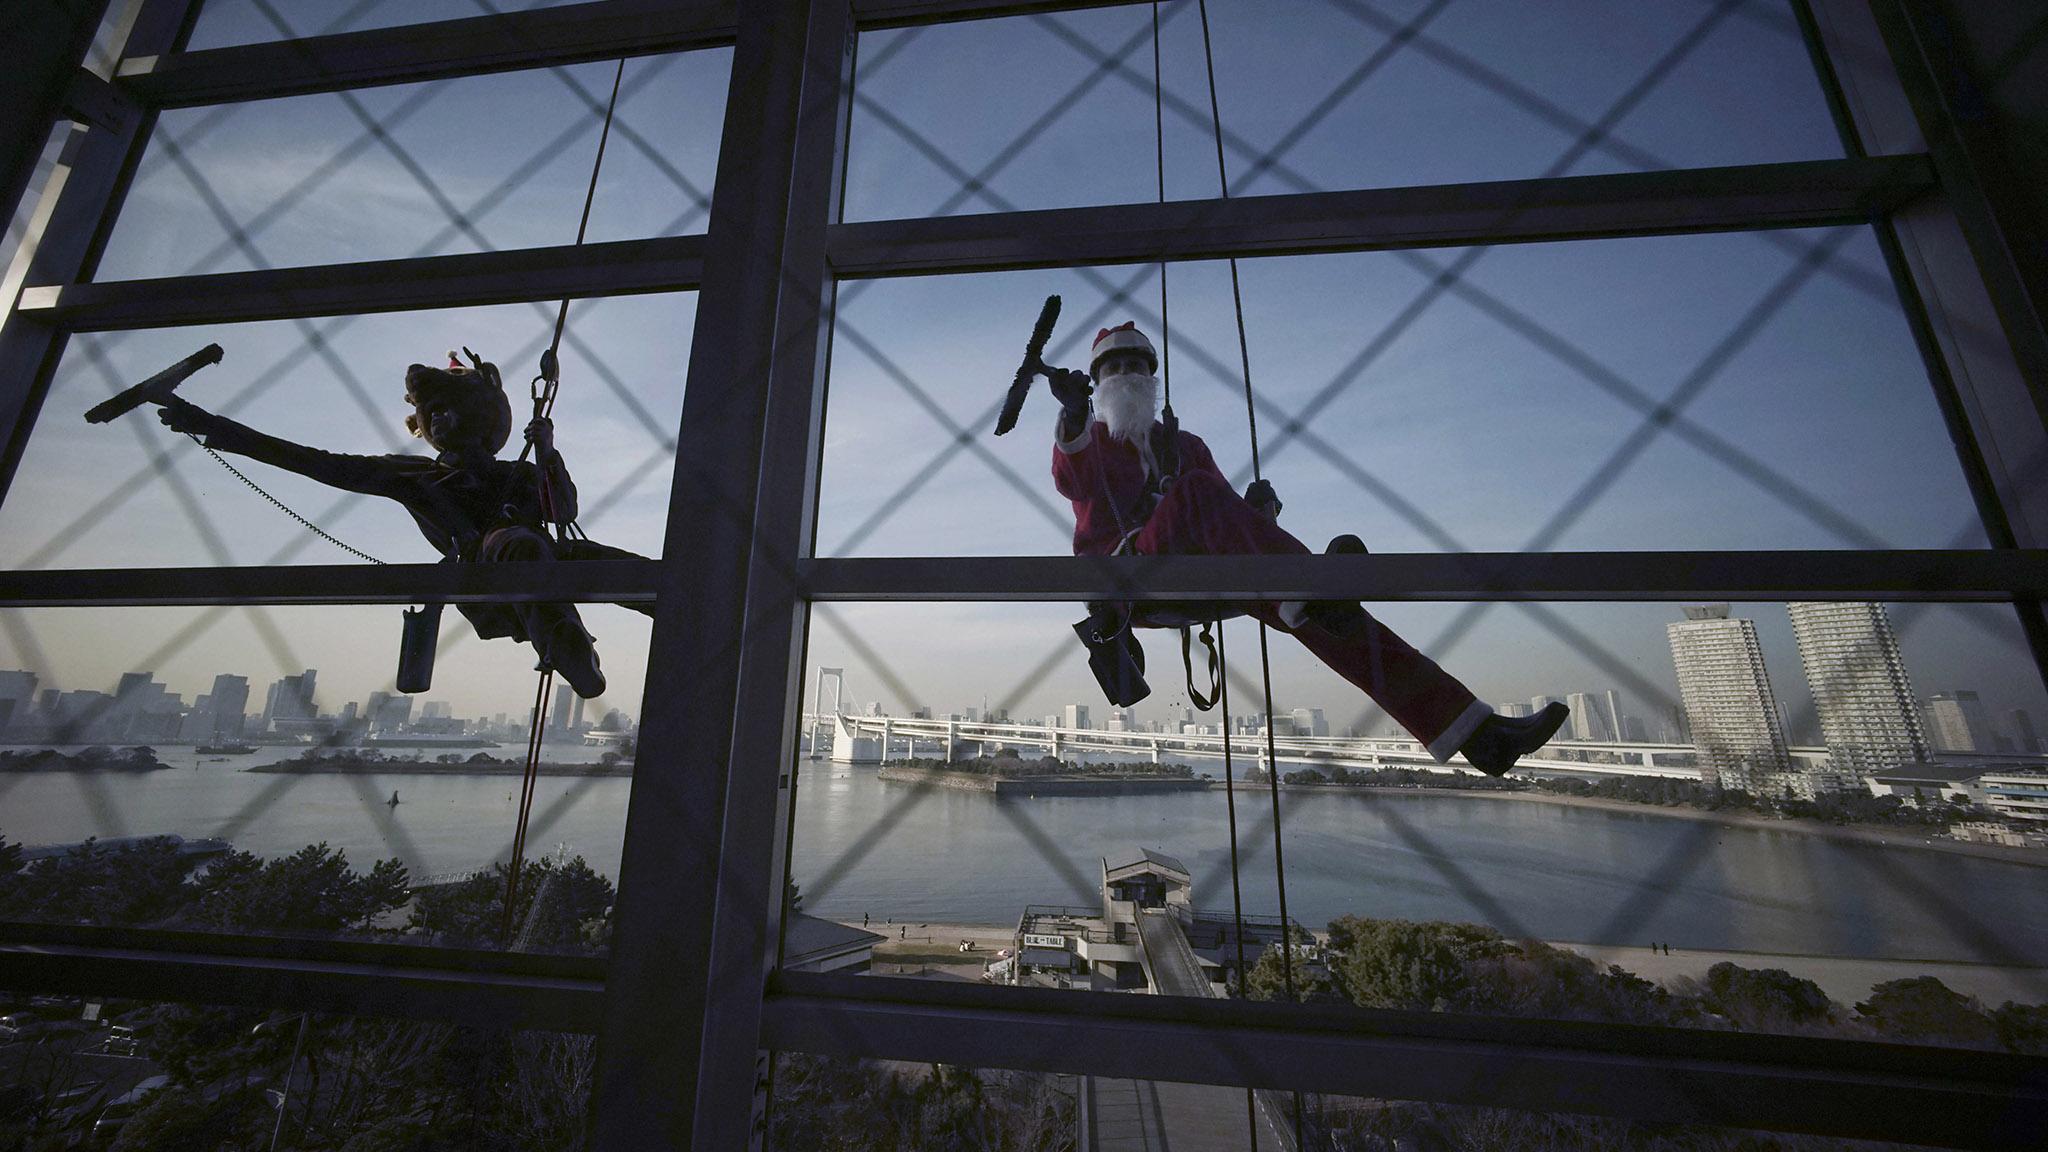 Japan Santa Claus Window Cleaner